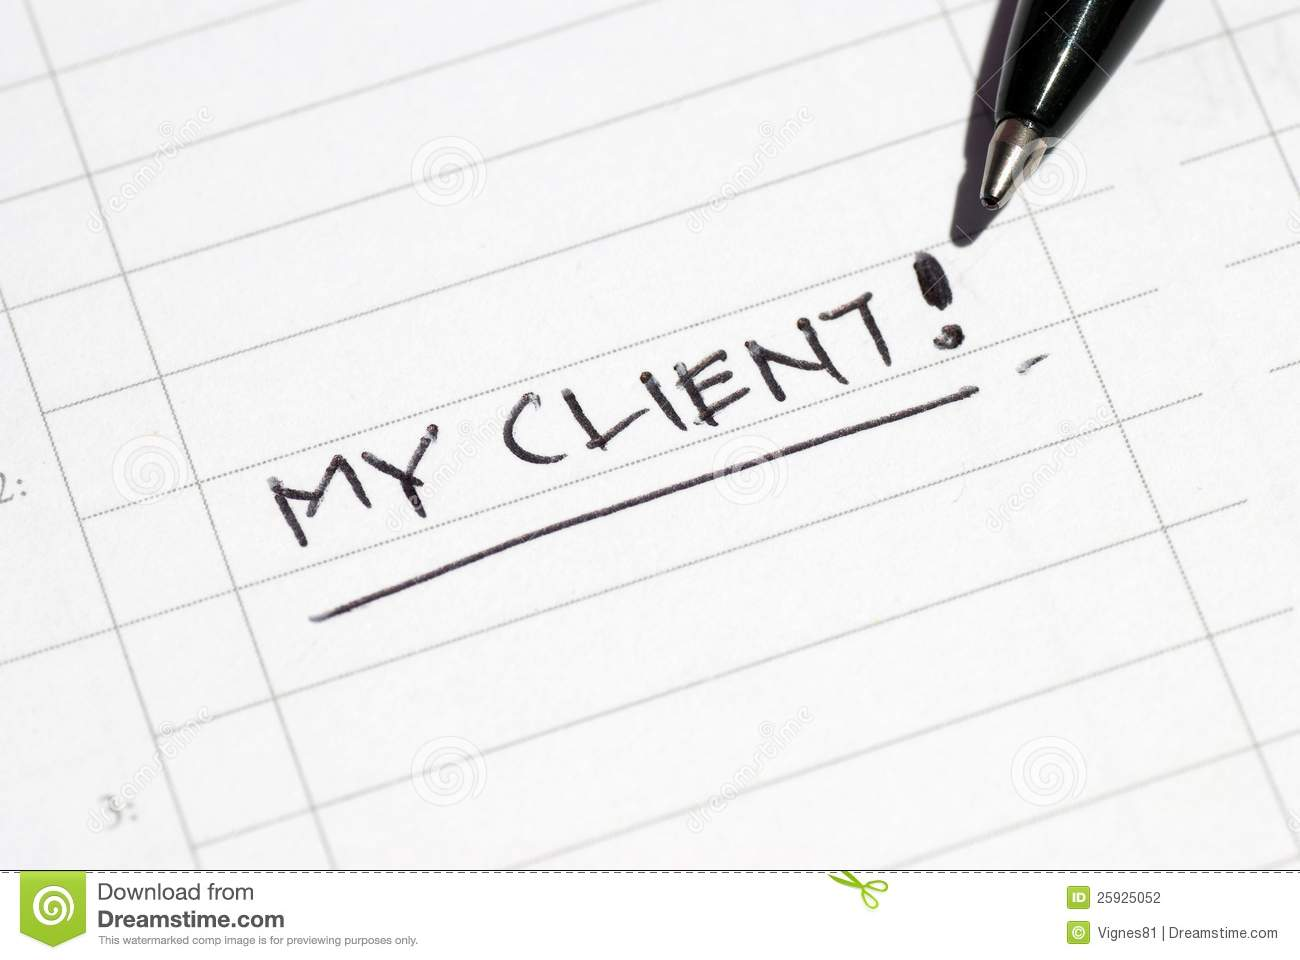 MyClient